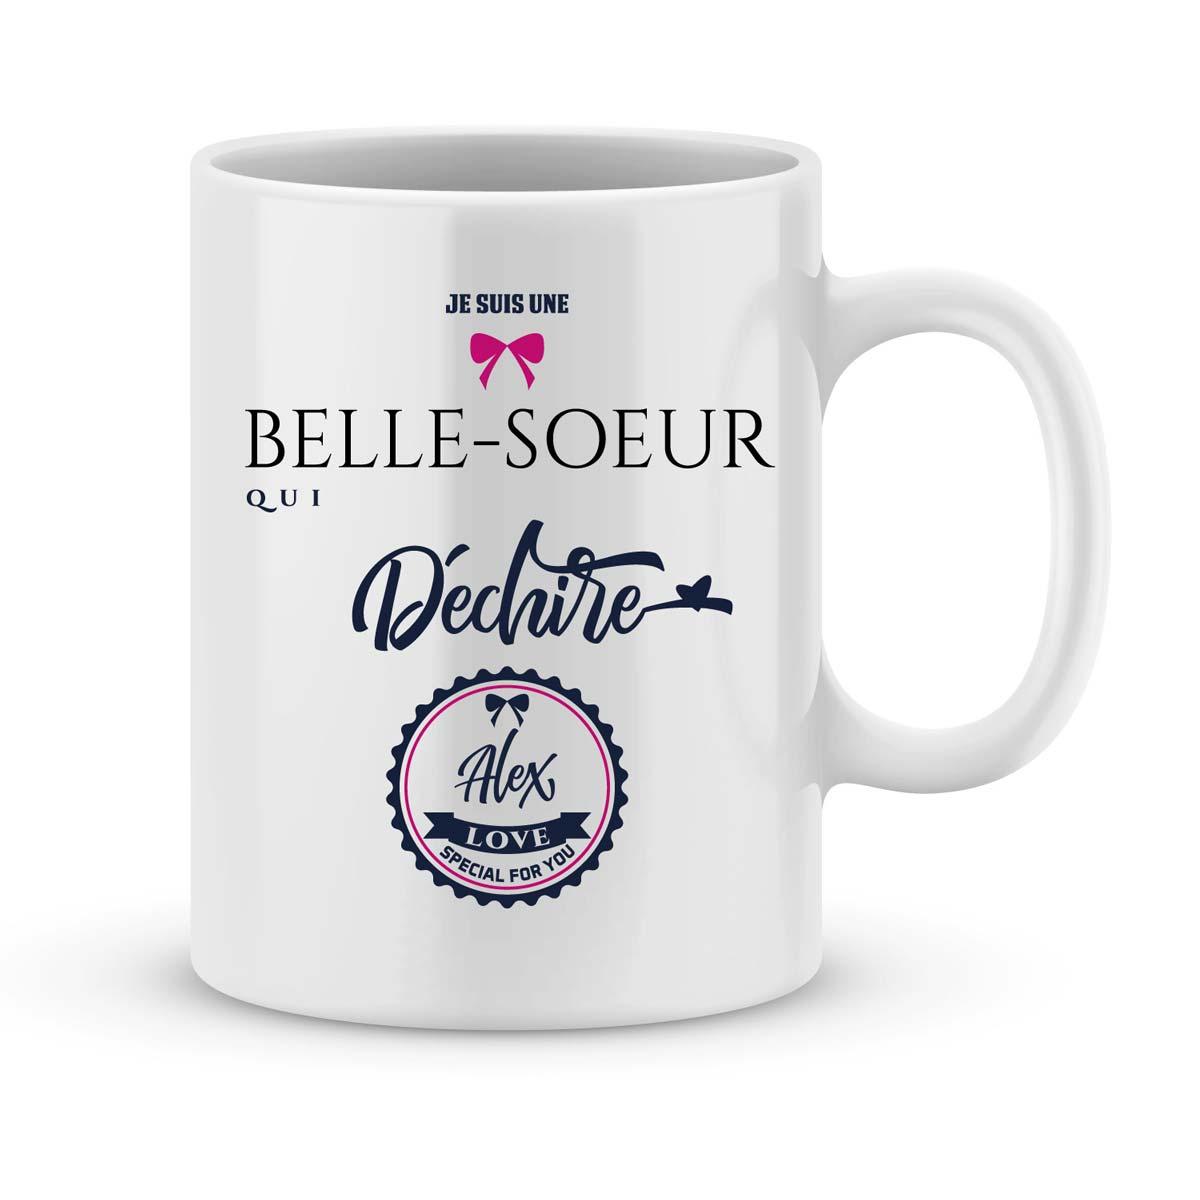 Étonnant Mug personnalisé avec un prénom Belle-soeur qui déchire ZV-16